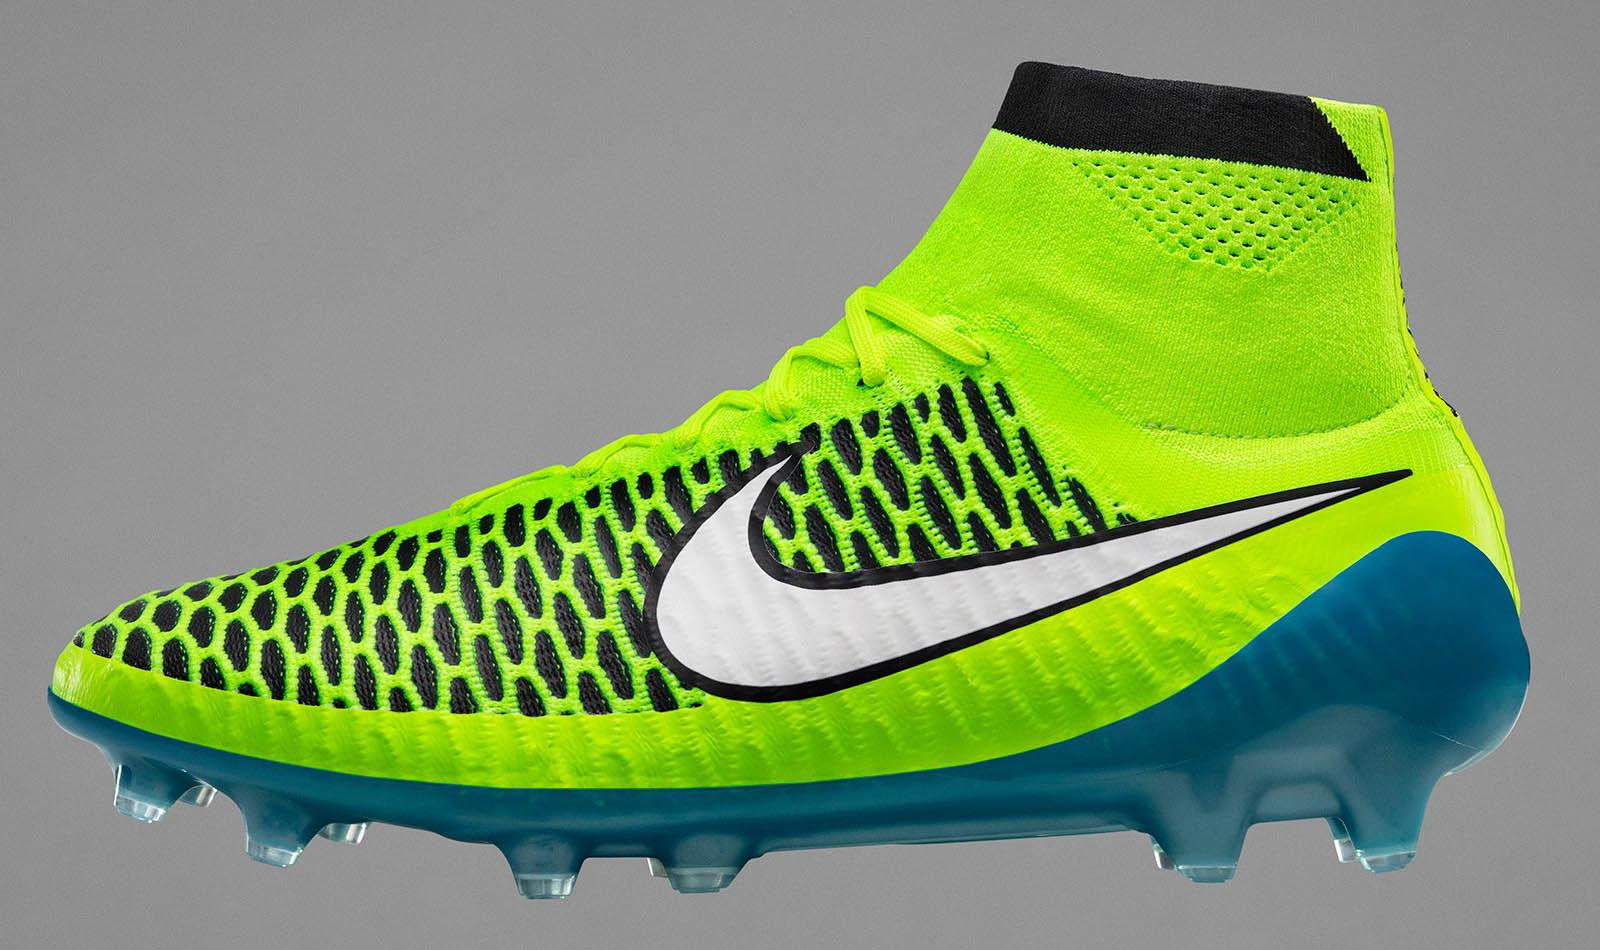 cc42dd0603bd Nike Magista Obra 2015 Women's Boots Released - Sports kicks